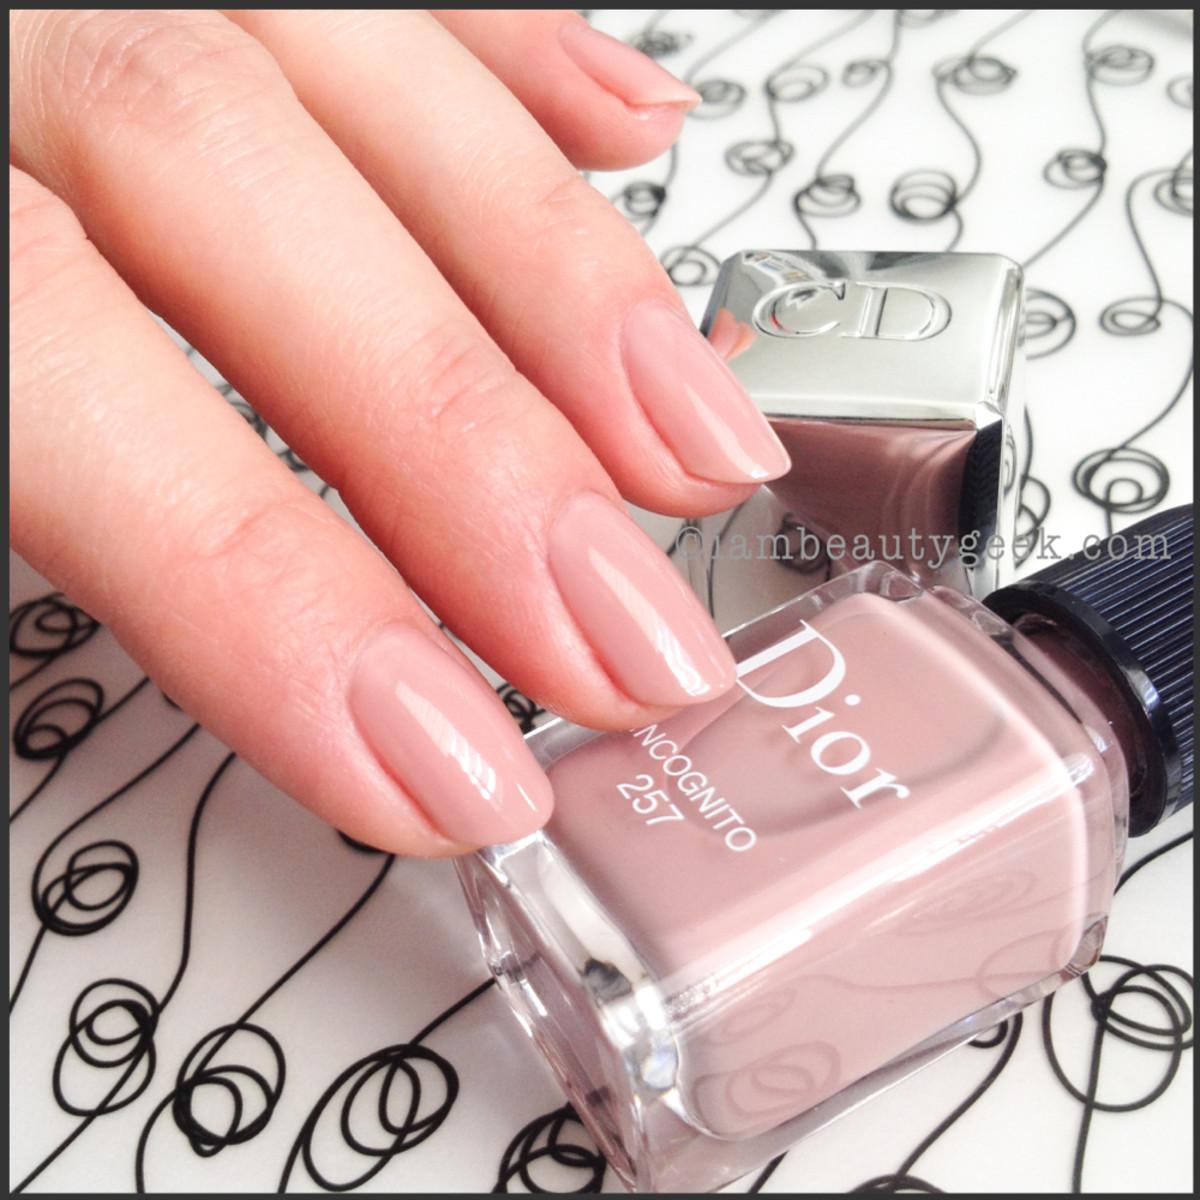 Dior polish Incognito 257 spring 2014_Dior Gel Shine